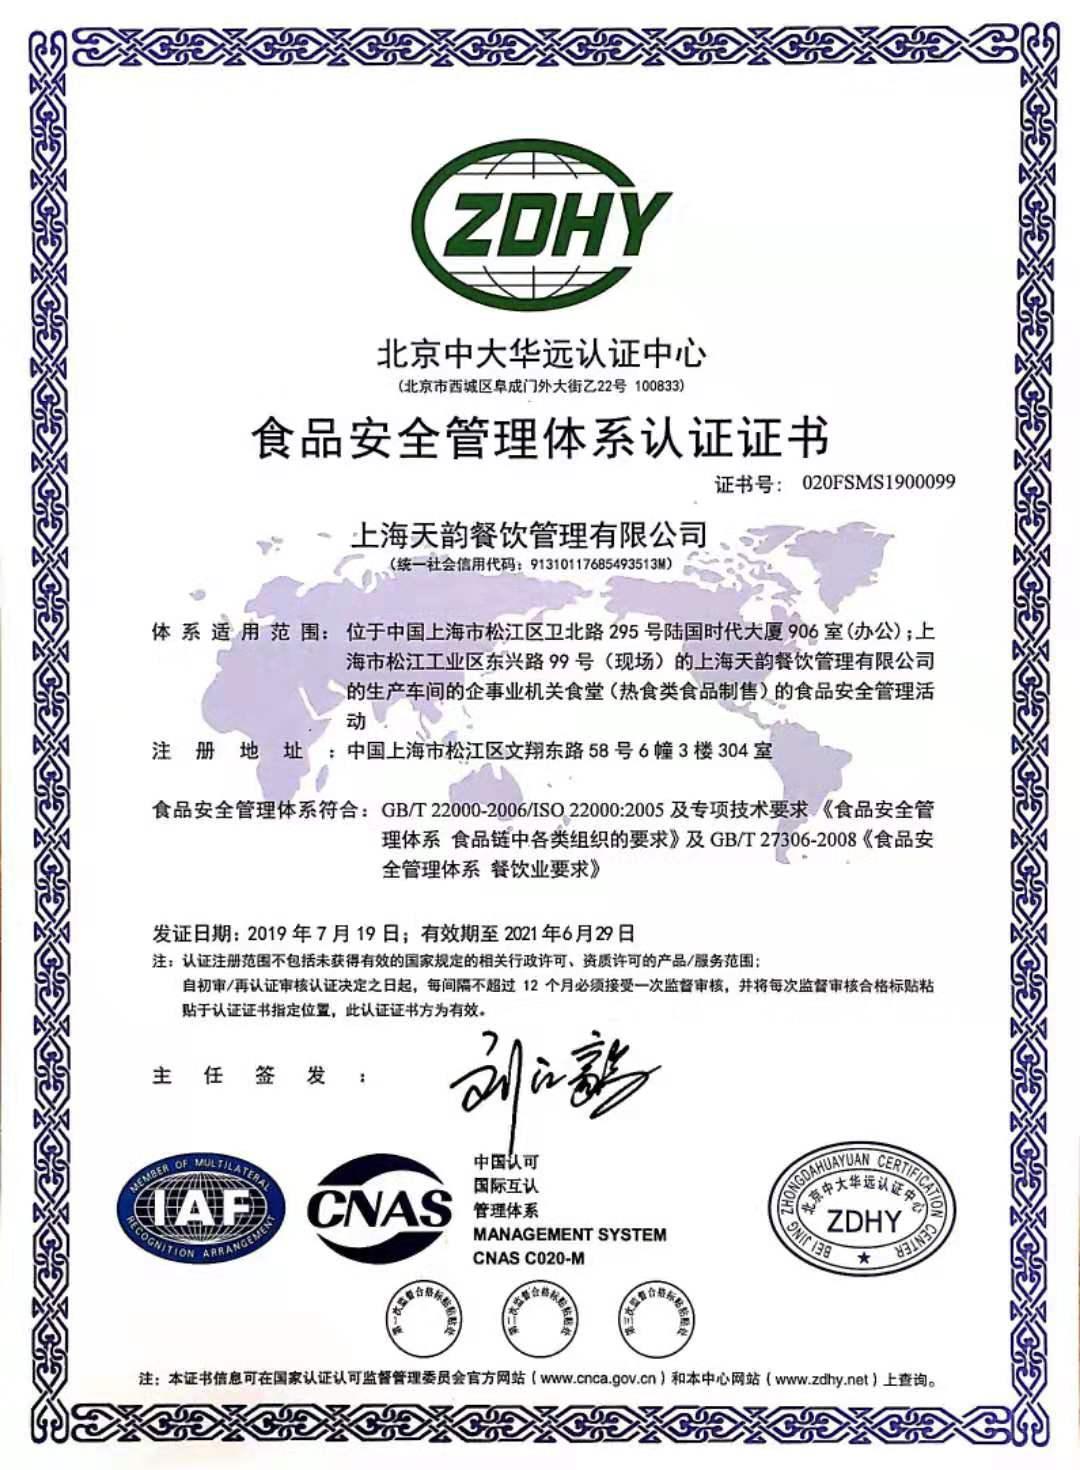 亚游手机app下载餐饮食堂安全管理体系认证证书